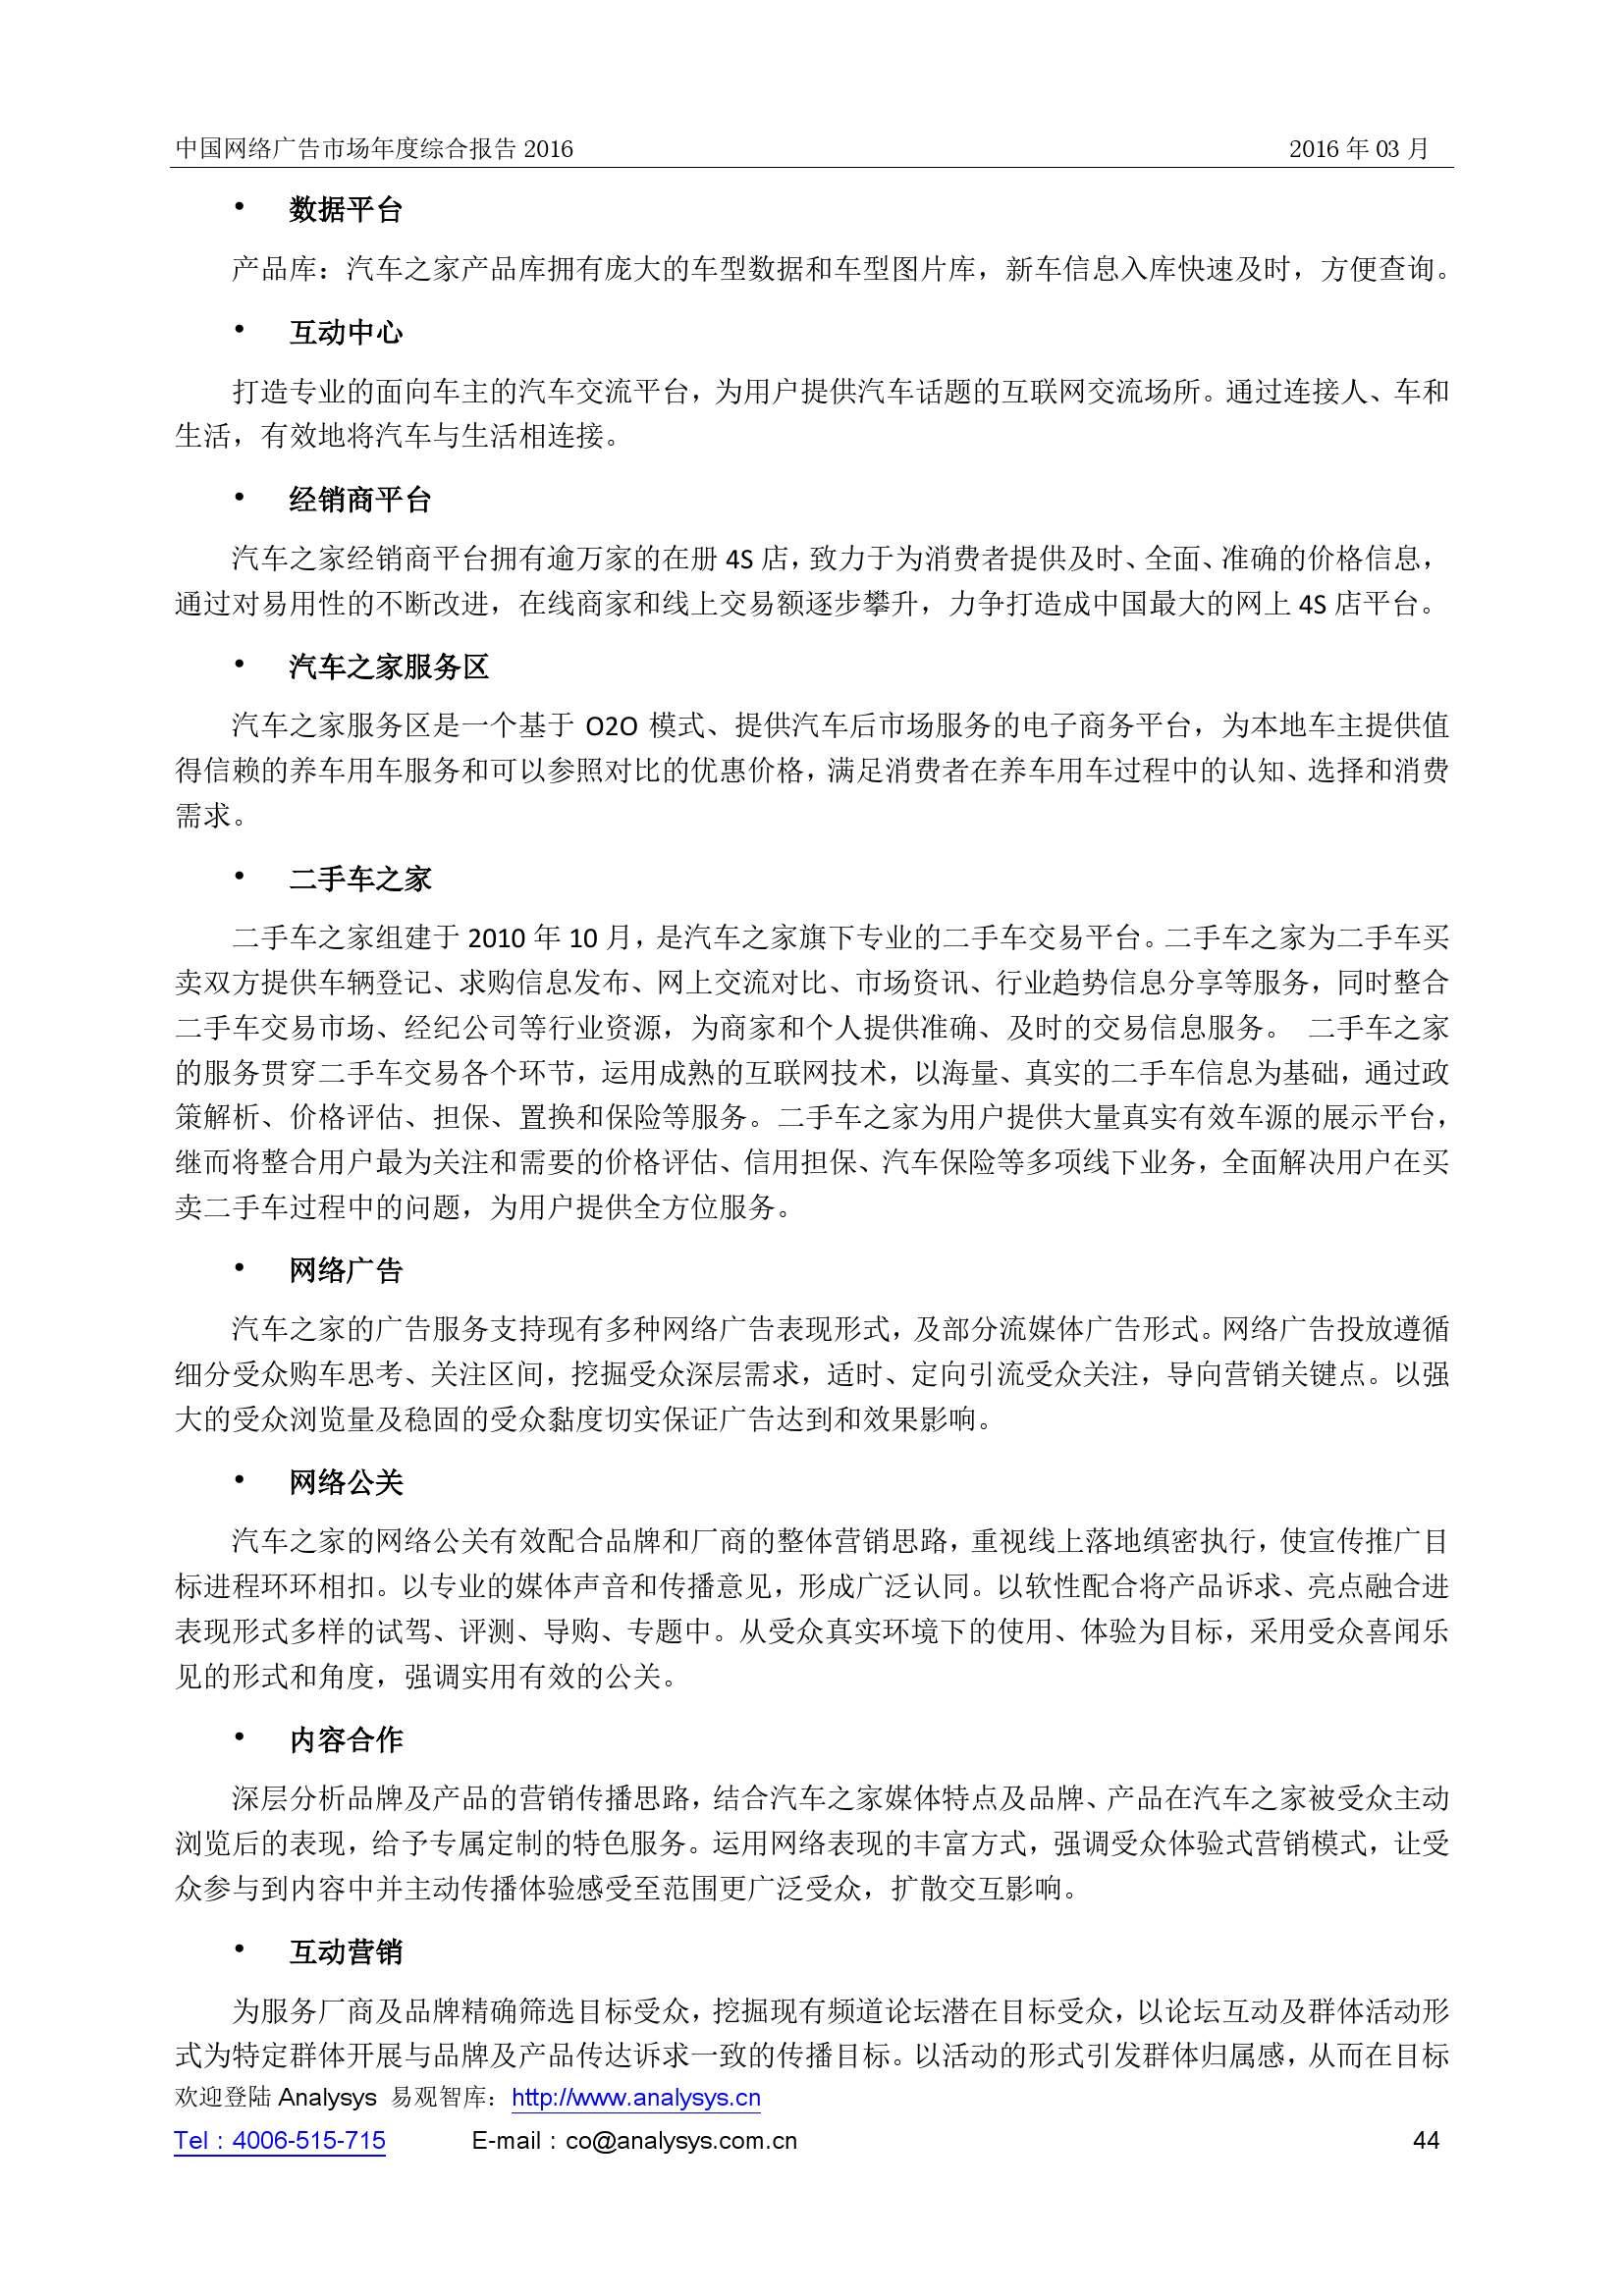 中国网络广告市场年度综合报告2016_000044